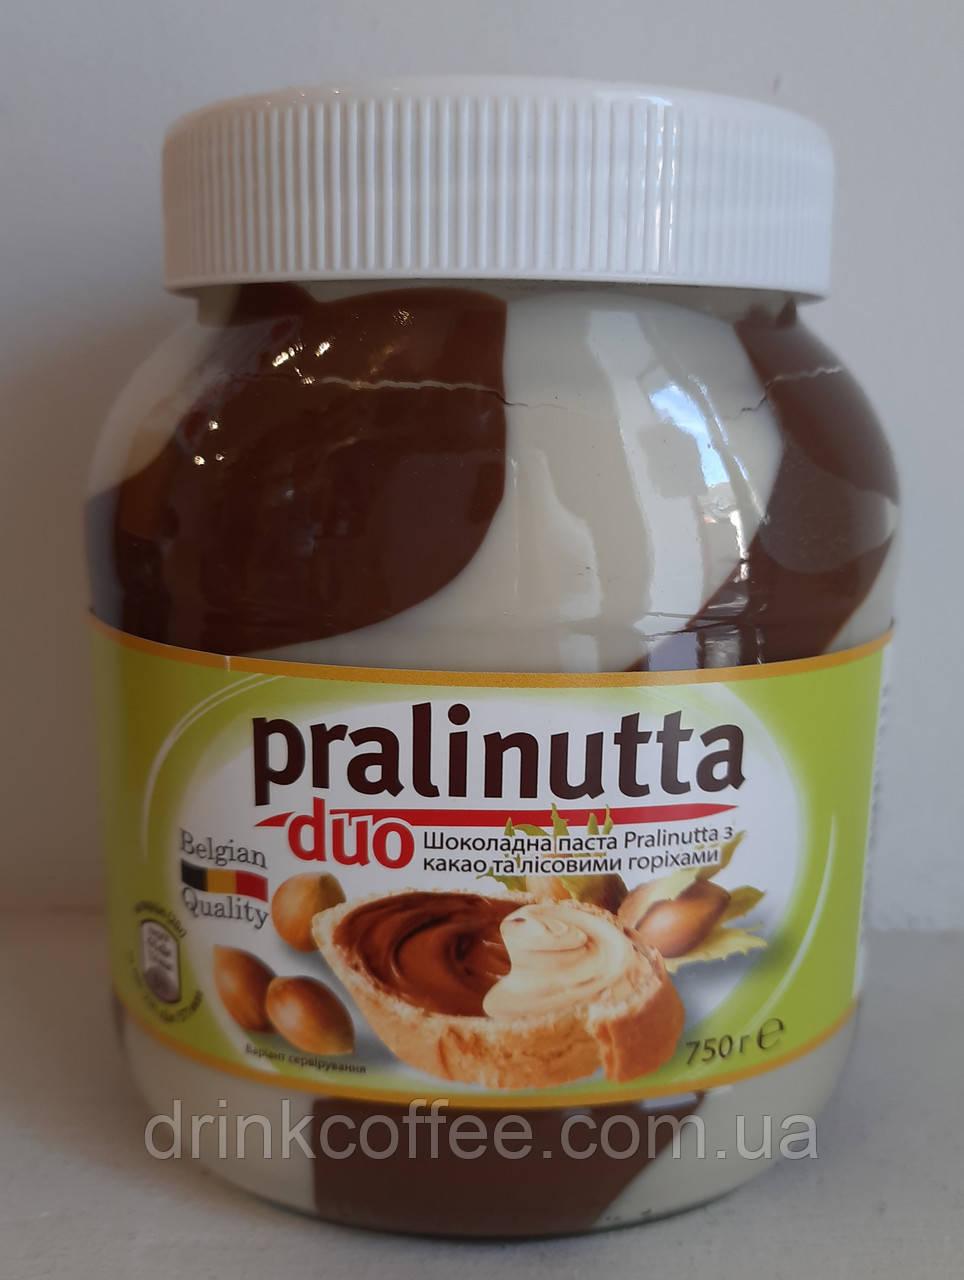 Шоколадная паста Pralinutta duo с какао и с лесными орехами 750г Бельгия